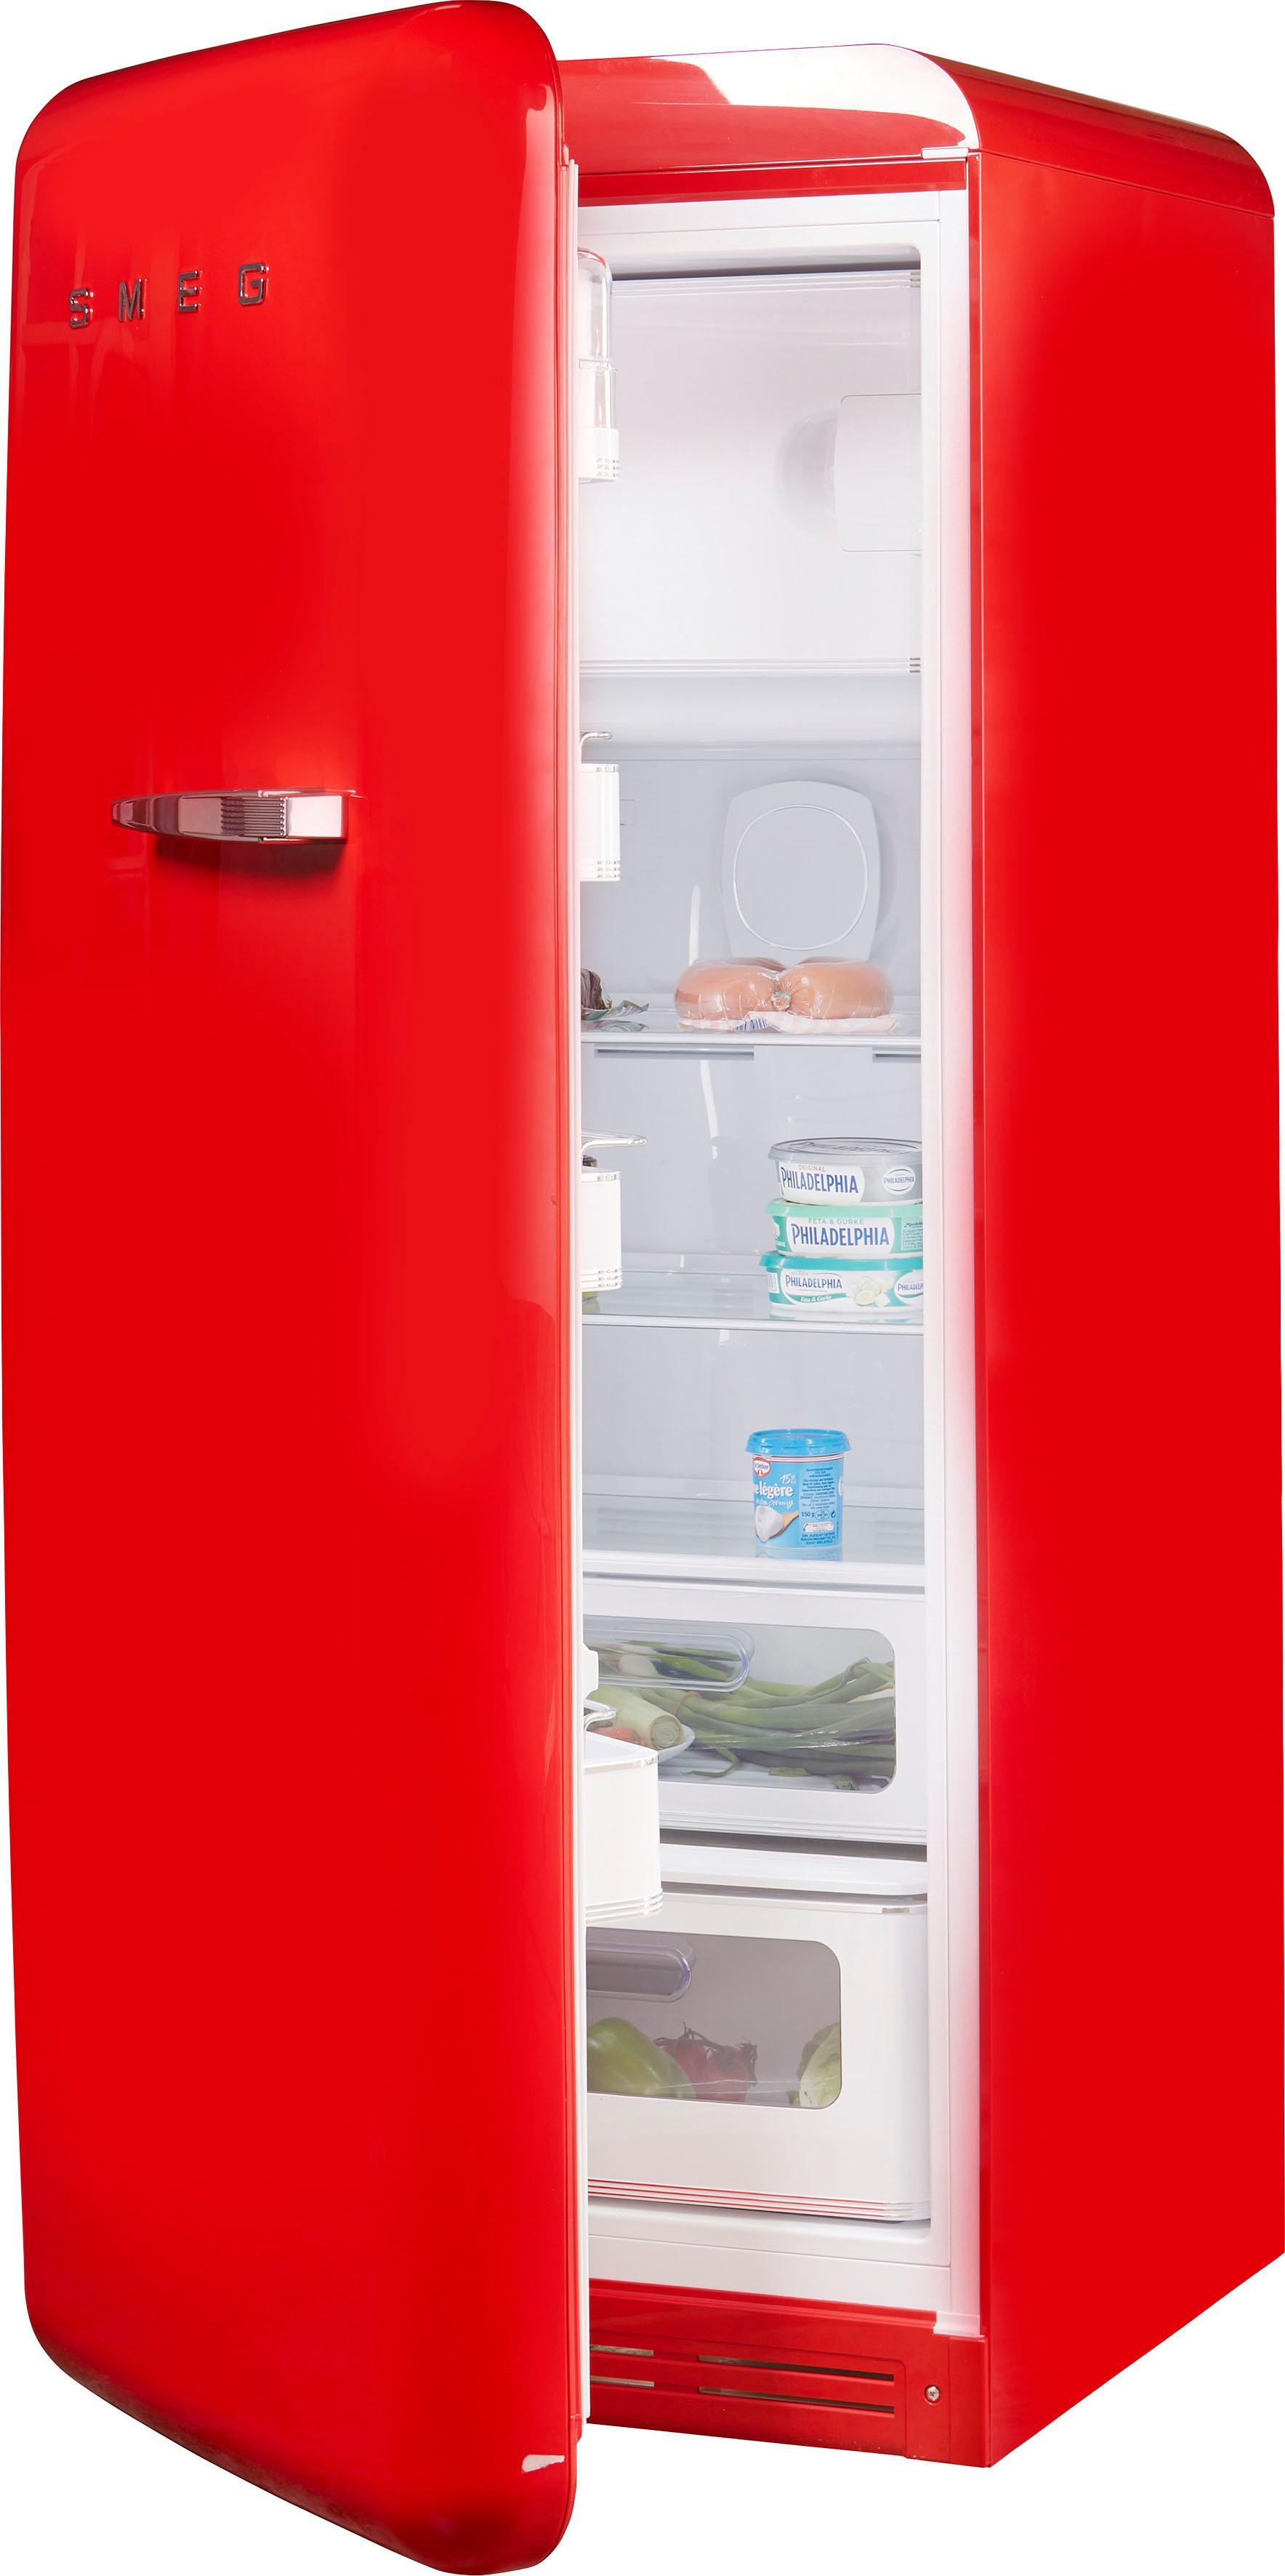 Smeg Kühlschrank 153 cm hoch 61 cm breit | Küche und Esszimmer > Küchenelektrogeräte > Kühlschränke | Smeg